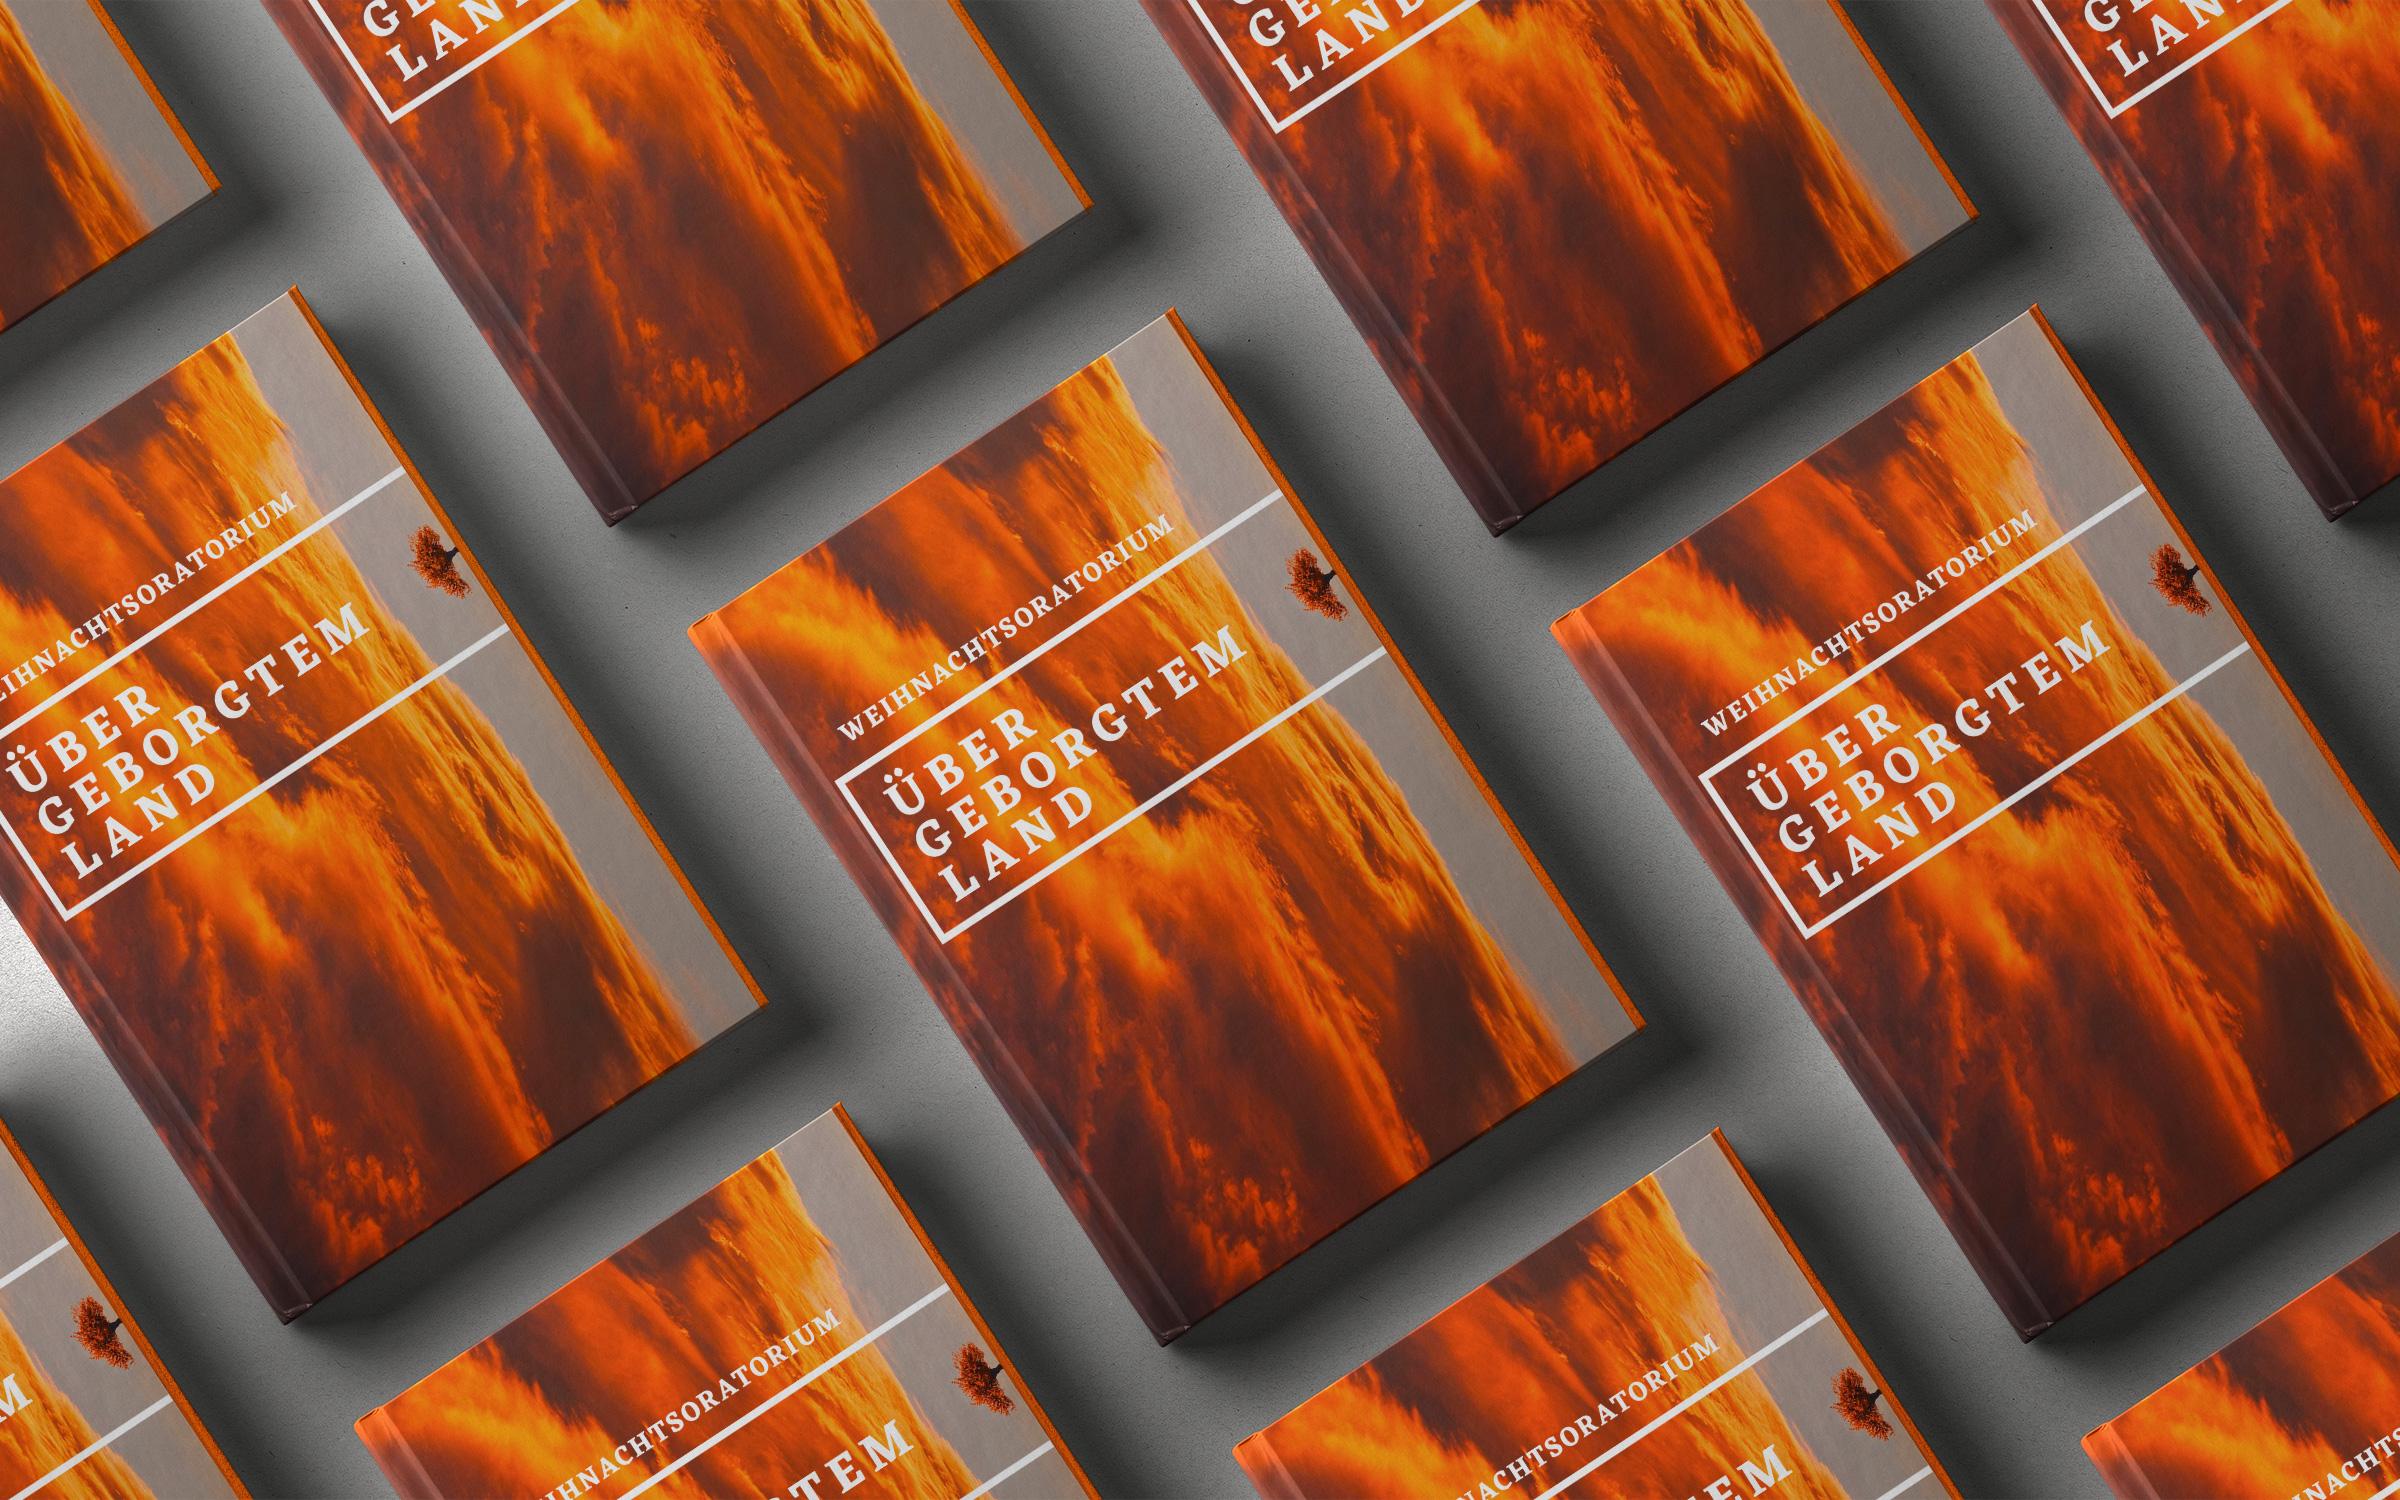 Cover_Ueber_geborgtemLand